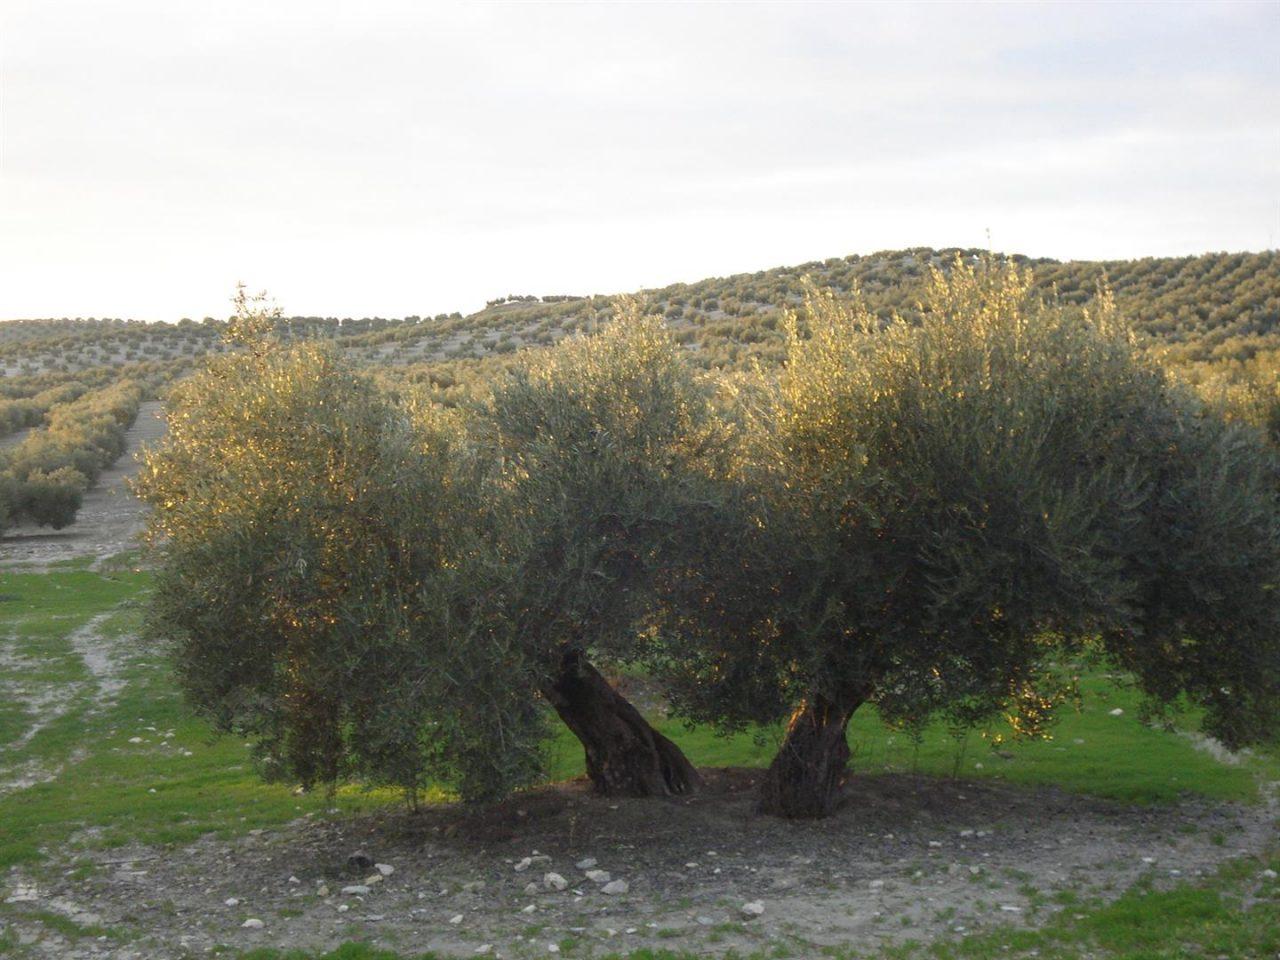 La UNIA proyecta en Baeza una selección de cortometrajes sobre el olivar y el aceite de oliva filmados en el siglo XX